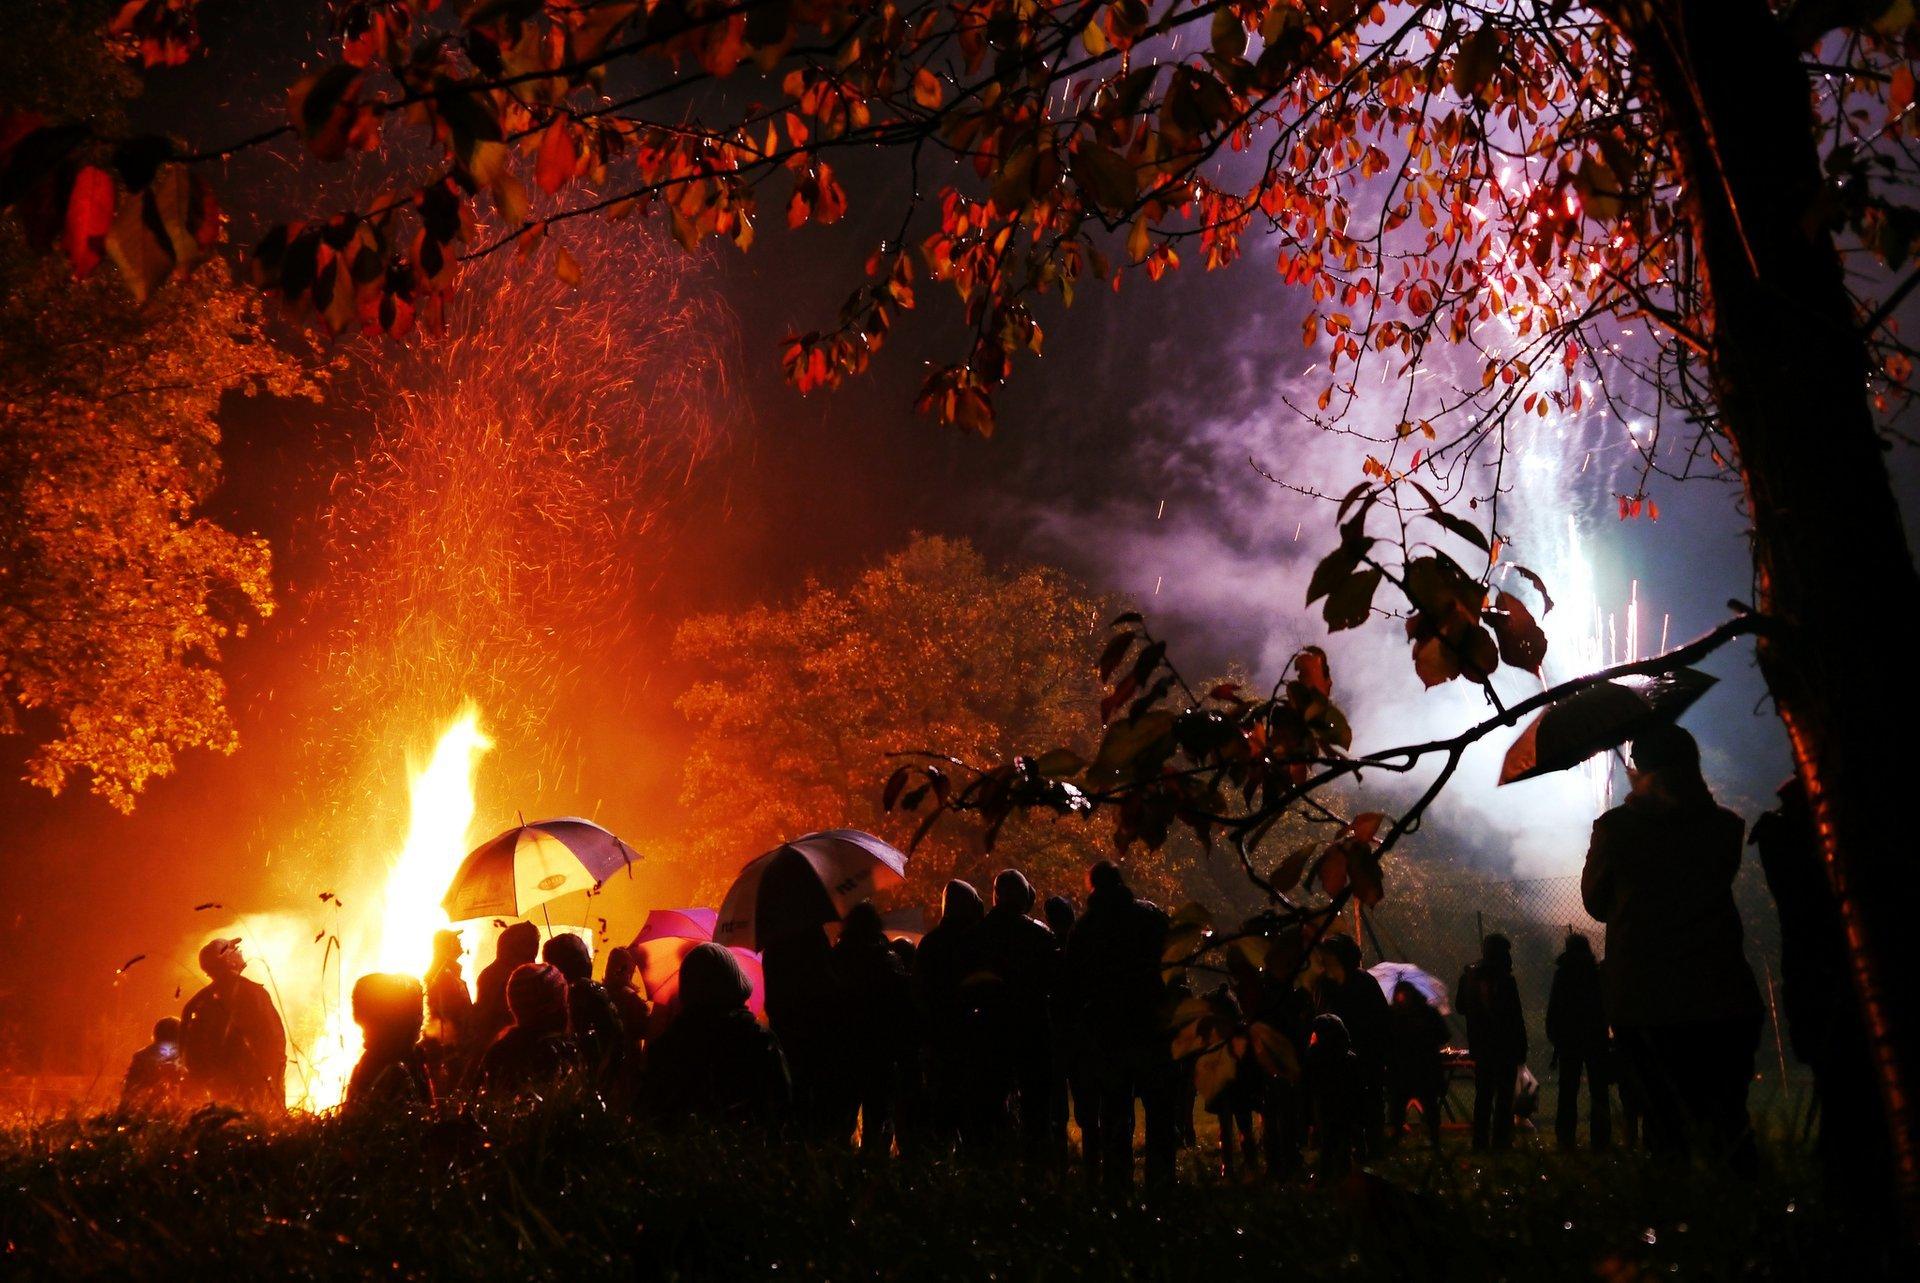 Bonfire Night in London - Best Time